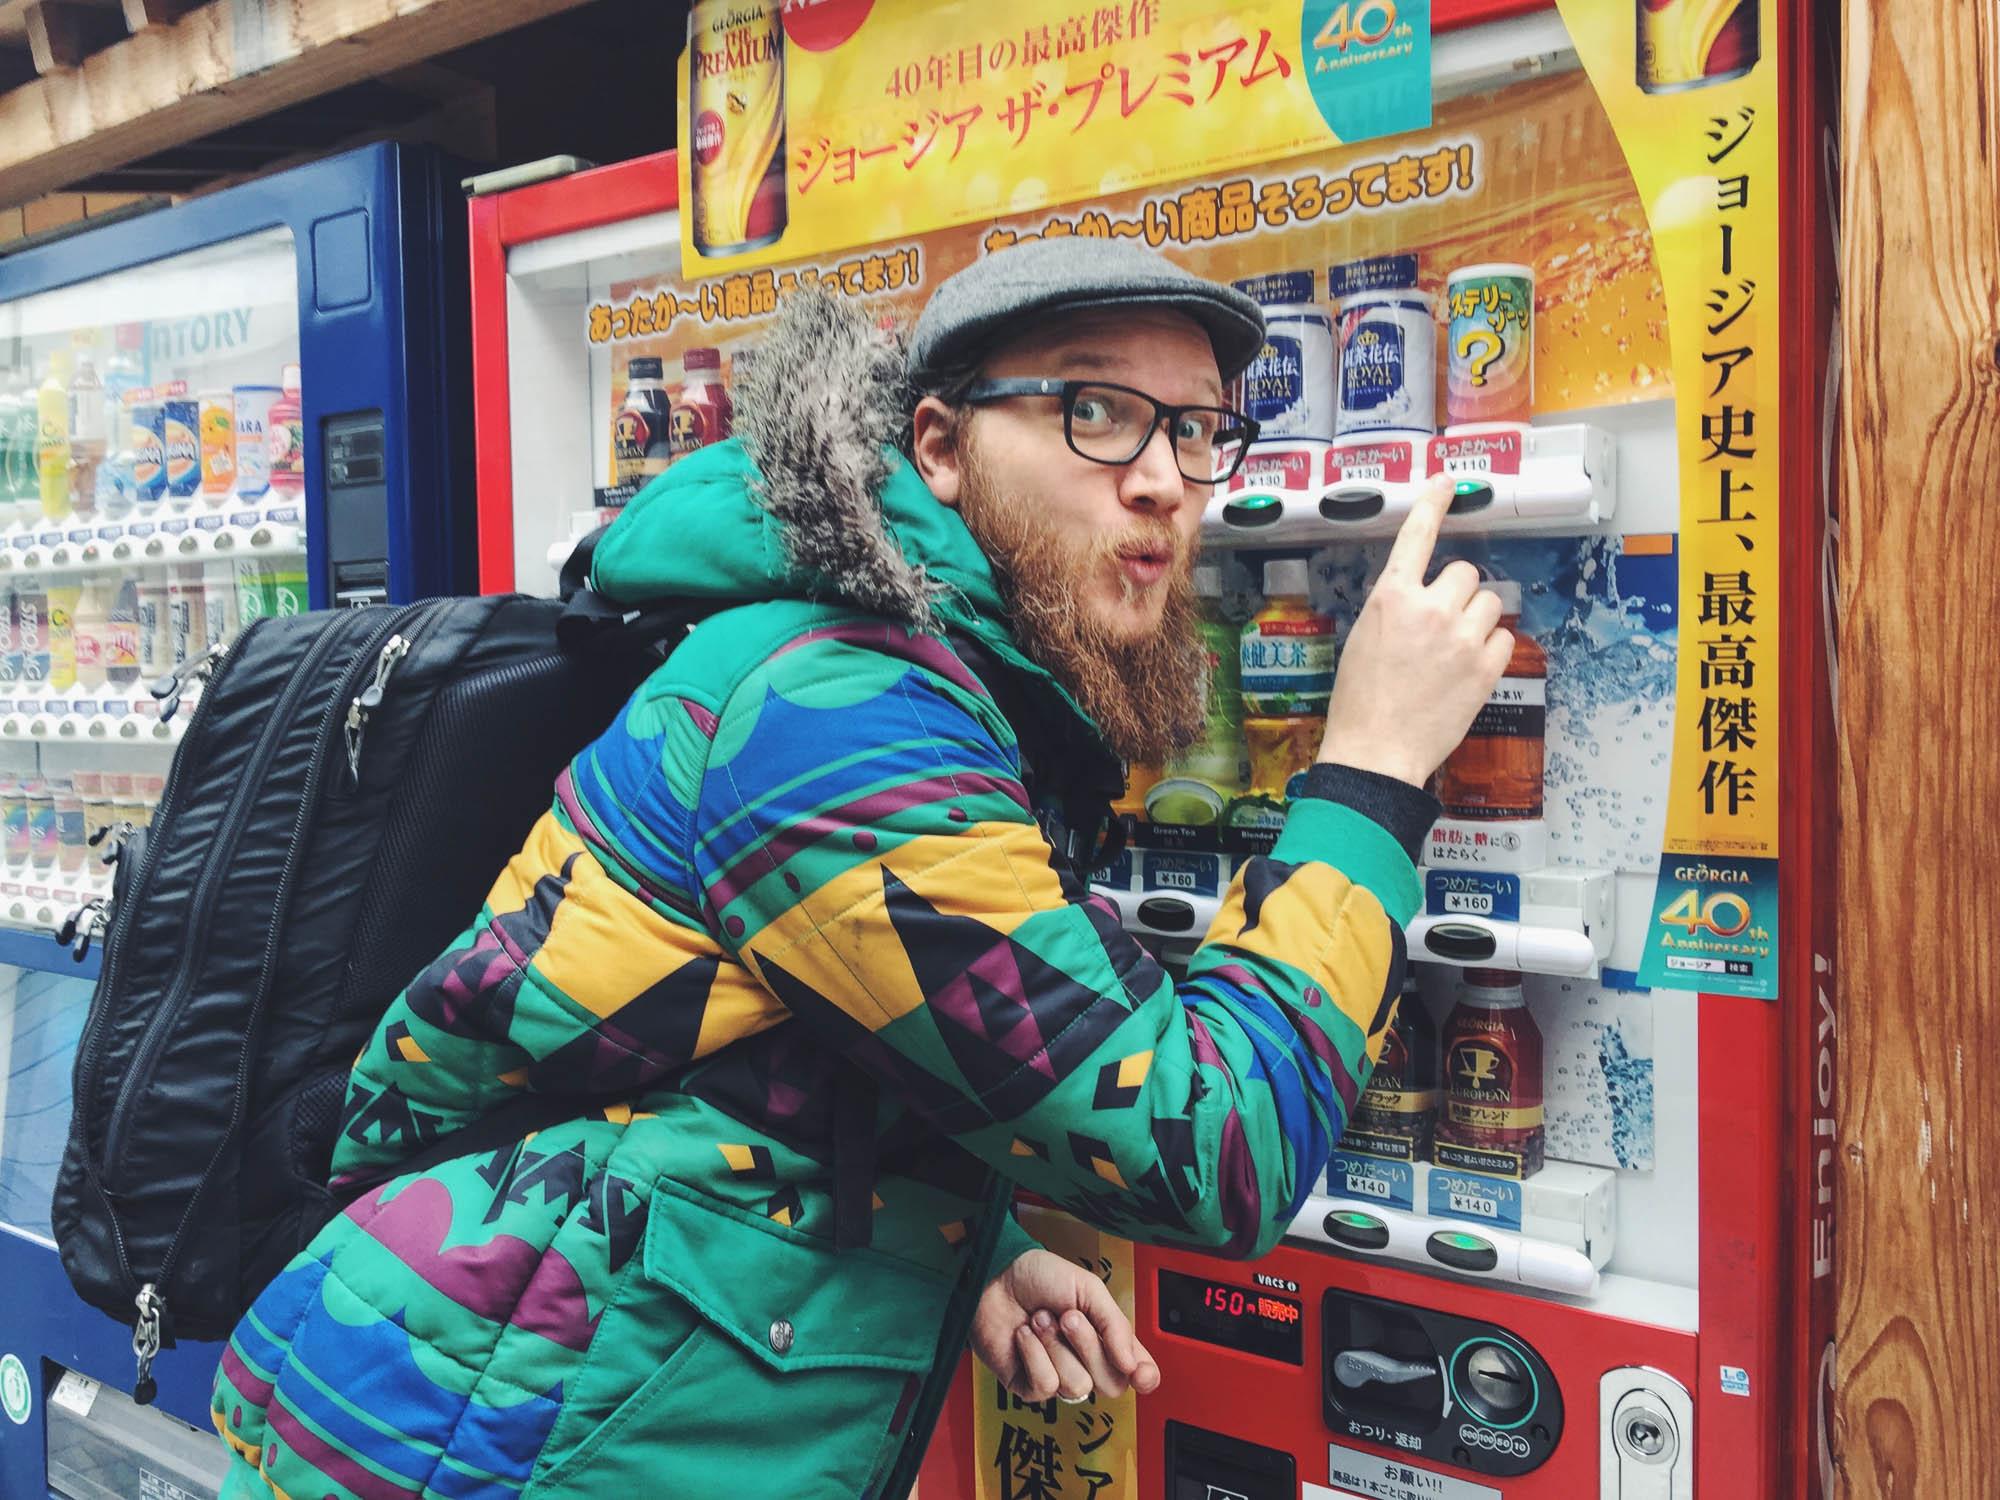 Instagramming Japan - vending machines